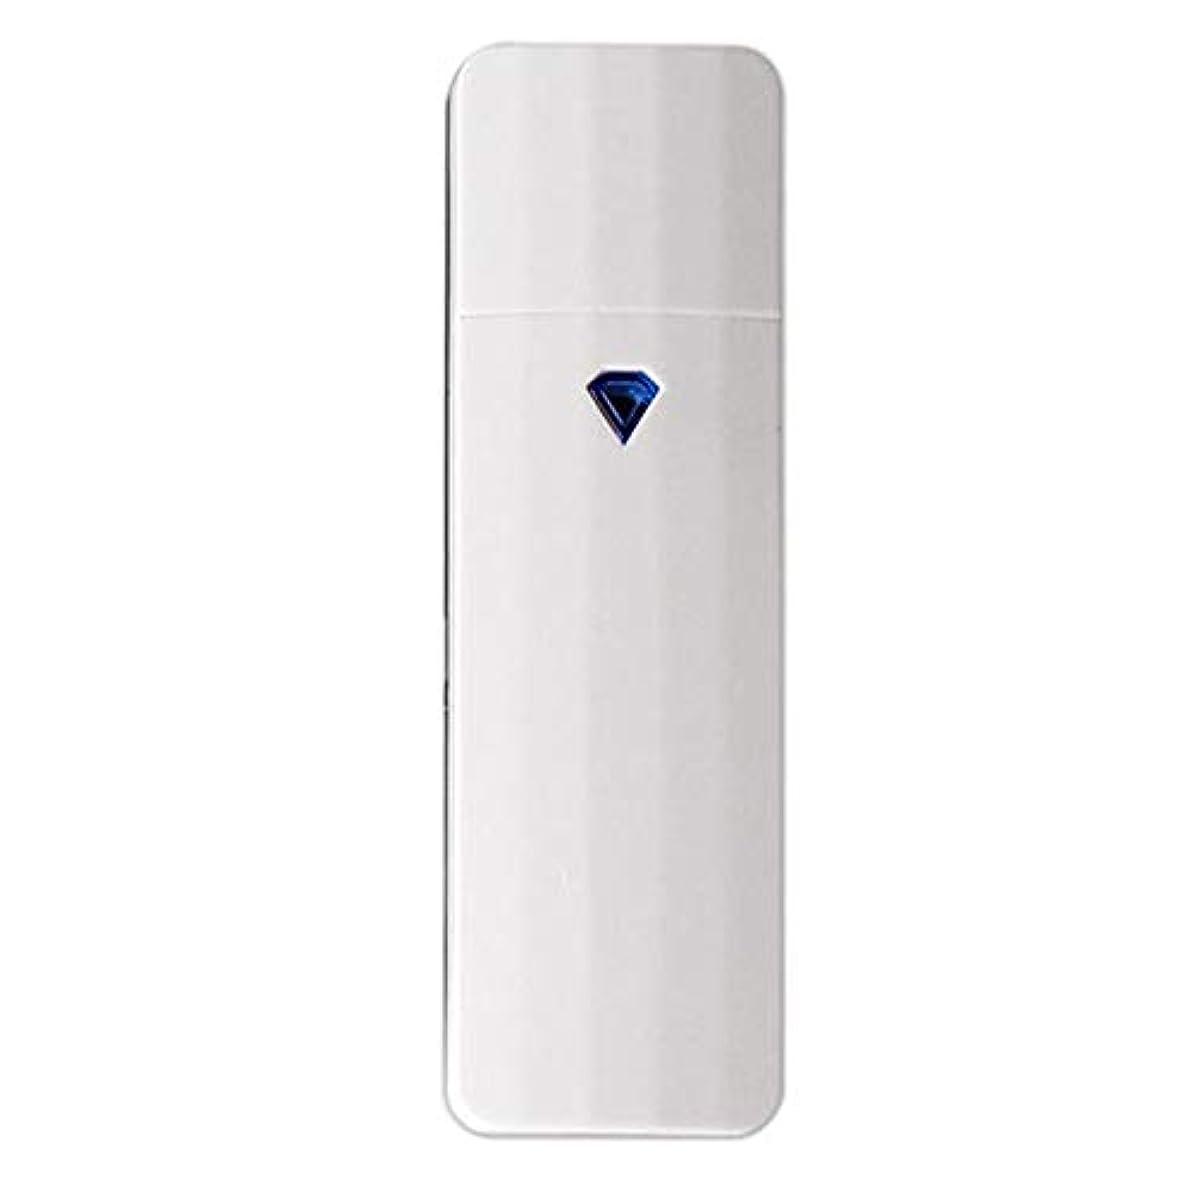 ガレージポルノ発言するSODIAL 携帯用ナノ?スプレー、噴霧、便利なフェイシャル?スチーマー、噴霧器、Usb充電式面部保湿水和スプレー装置、美容器具(白色)